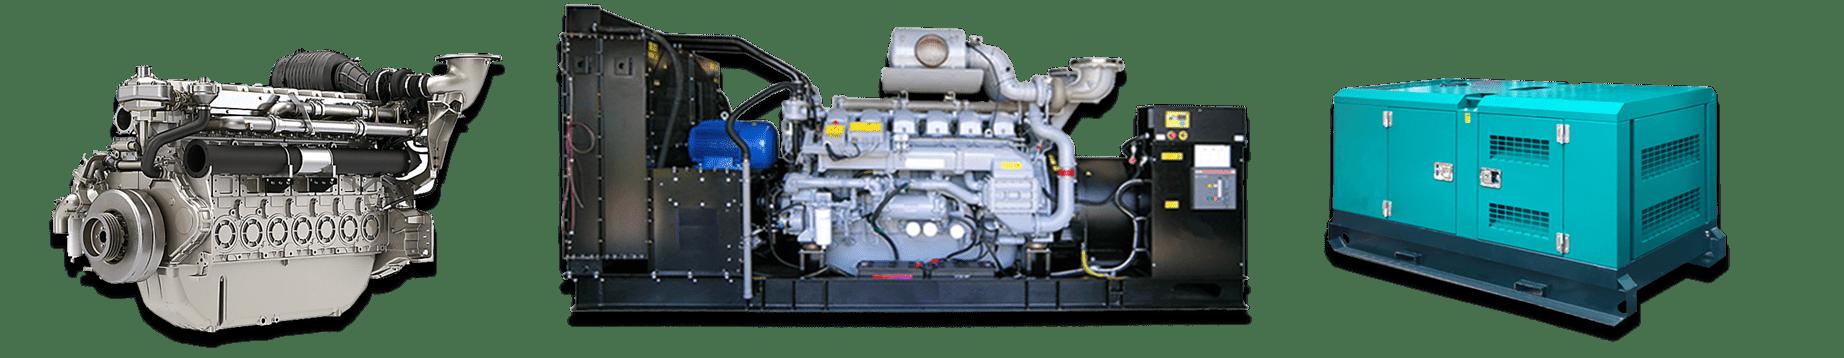 Máy phát điện Perkins - Nhập khẩu chính hãng, giá cạnh tranh.